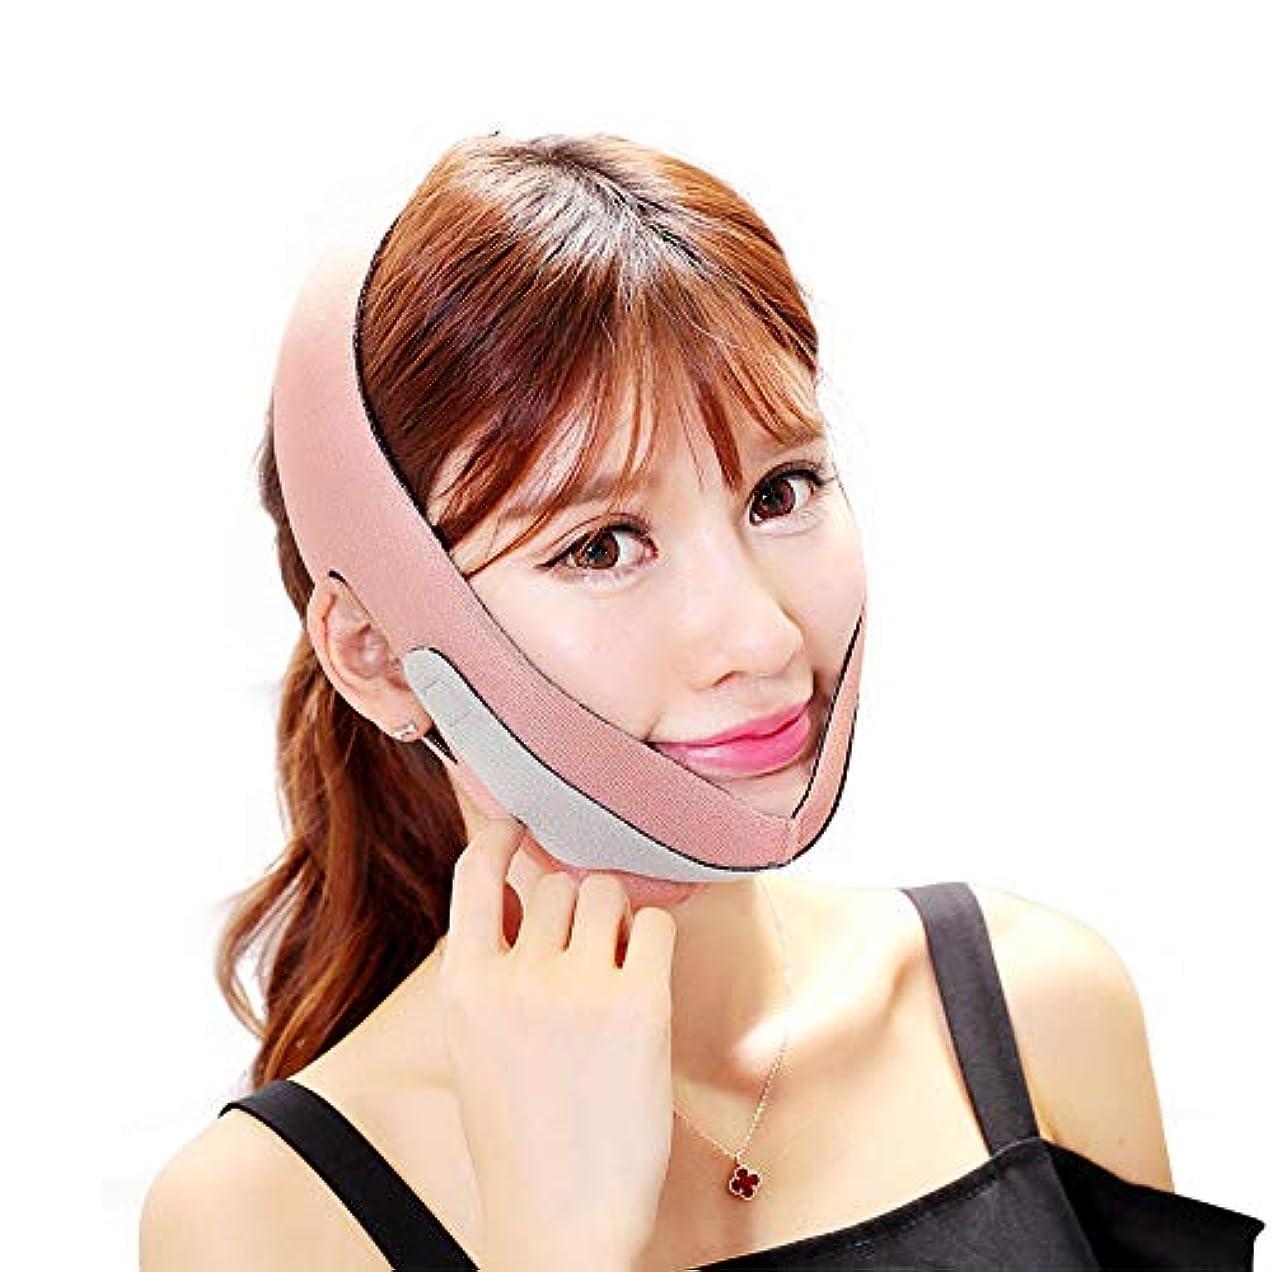 許容できる逸脱残基【Maveni】小顔 ベルト 美顔 顔痩せ 最新型 リフトアップベルト フェイスマスク メンズ レディース